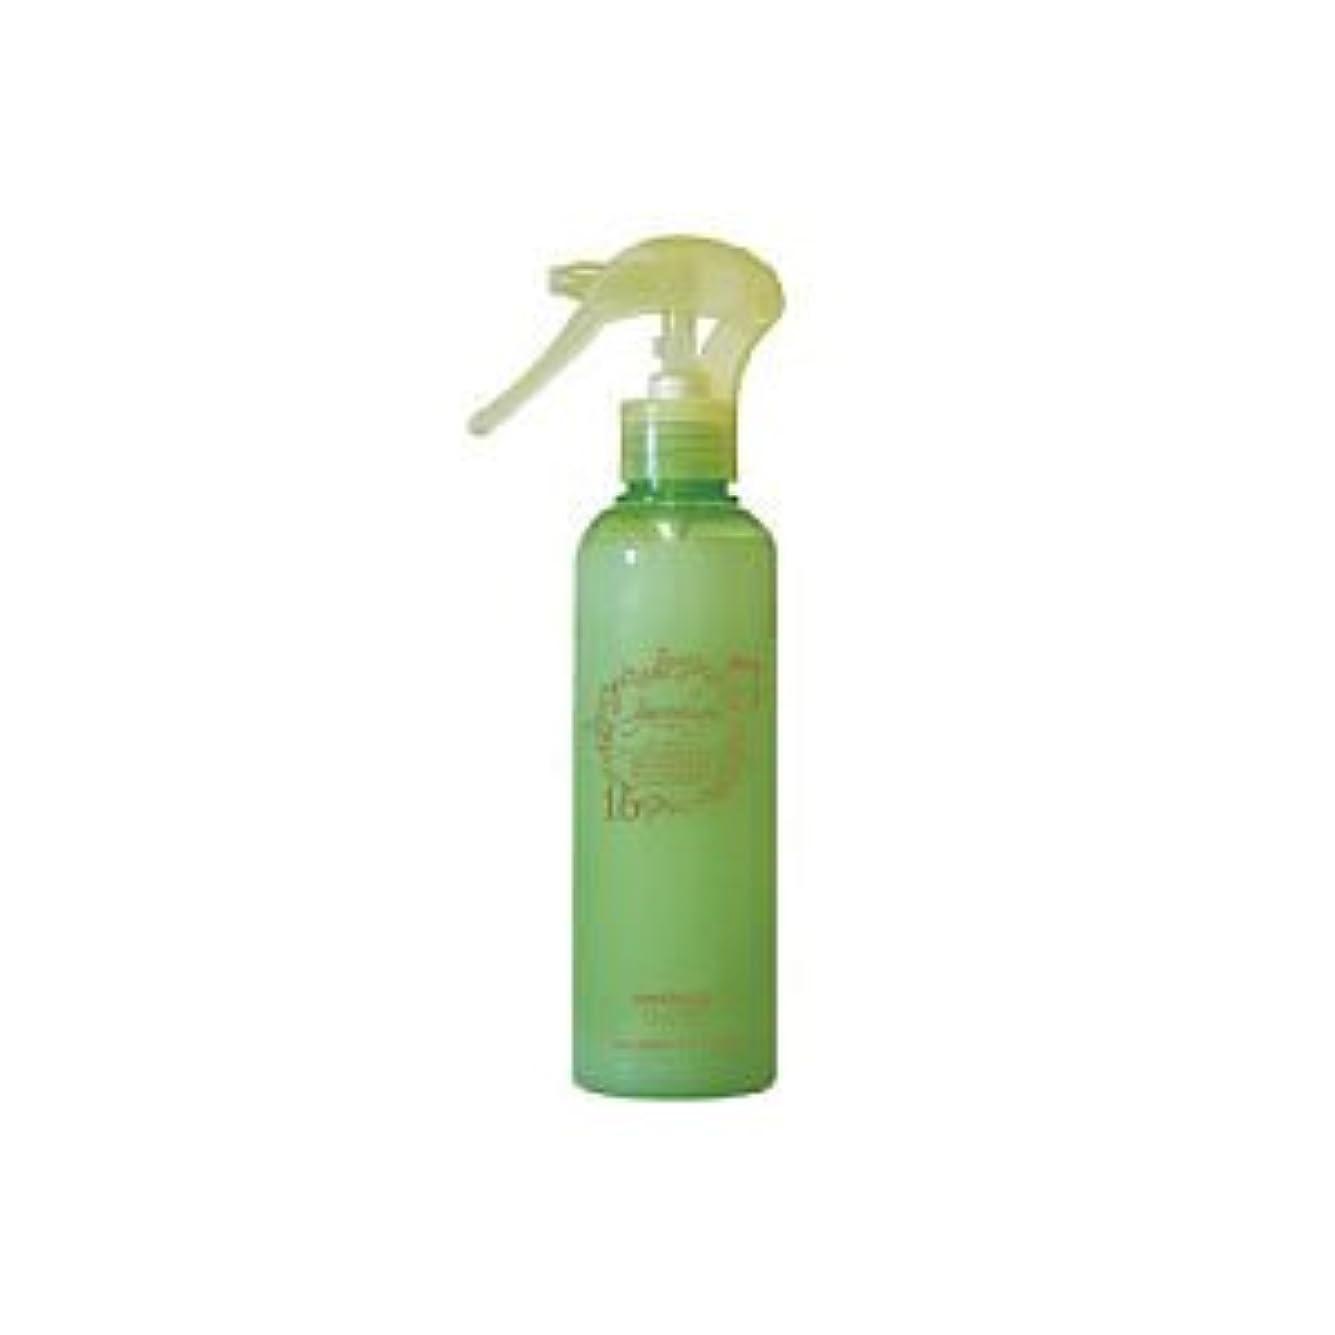 消毒するワックス提供された【X2個セット】 ハホニコ ジュウロクユスイ 210ml 十六油水 HAHONICO